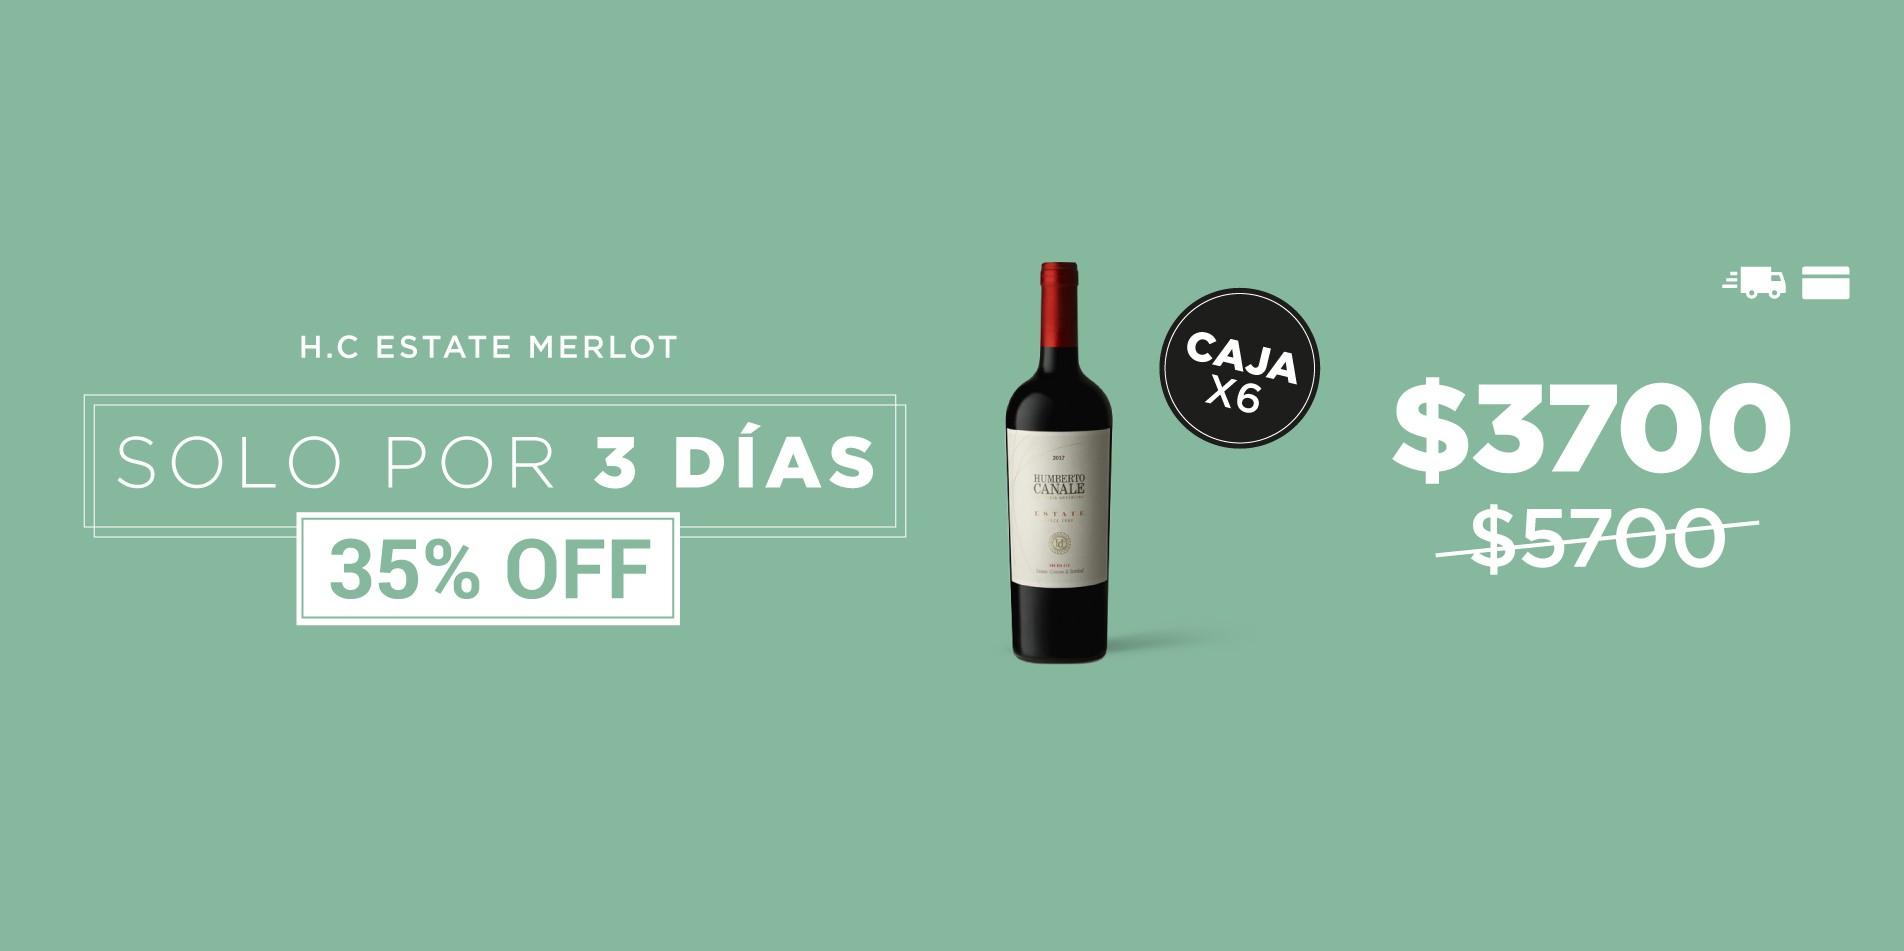 Merlot Estate 35% OFF